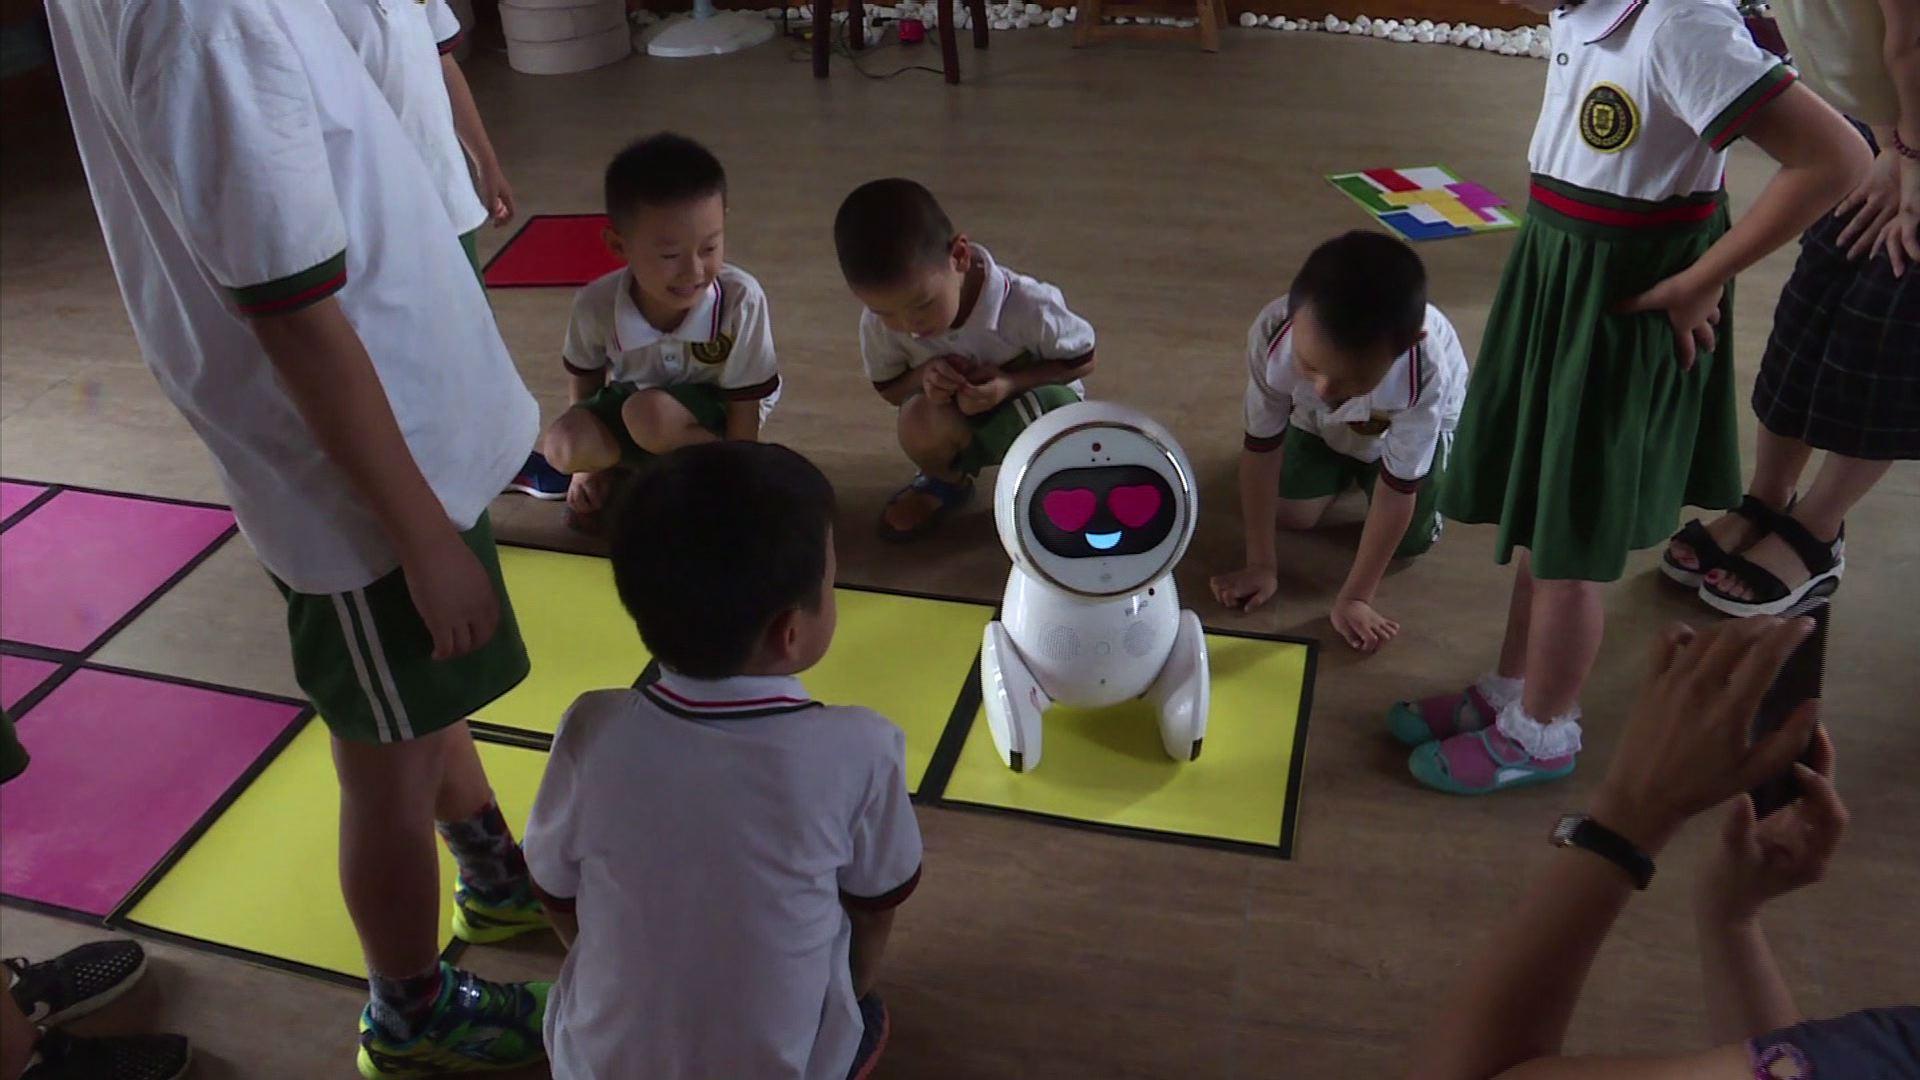 Los robots llegan a las escuelas infantiles chinas